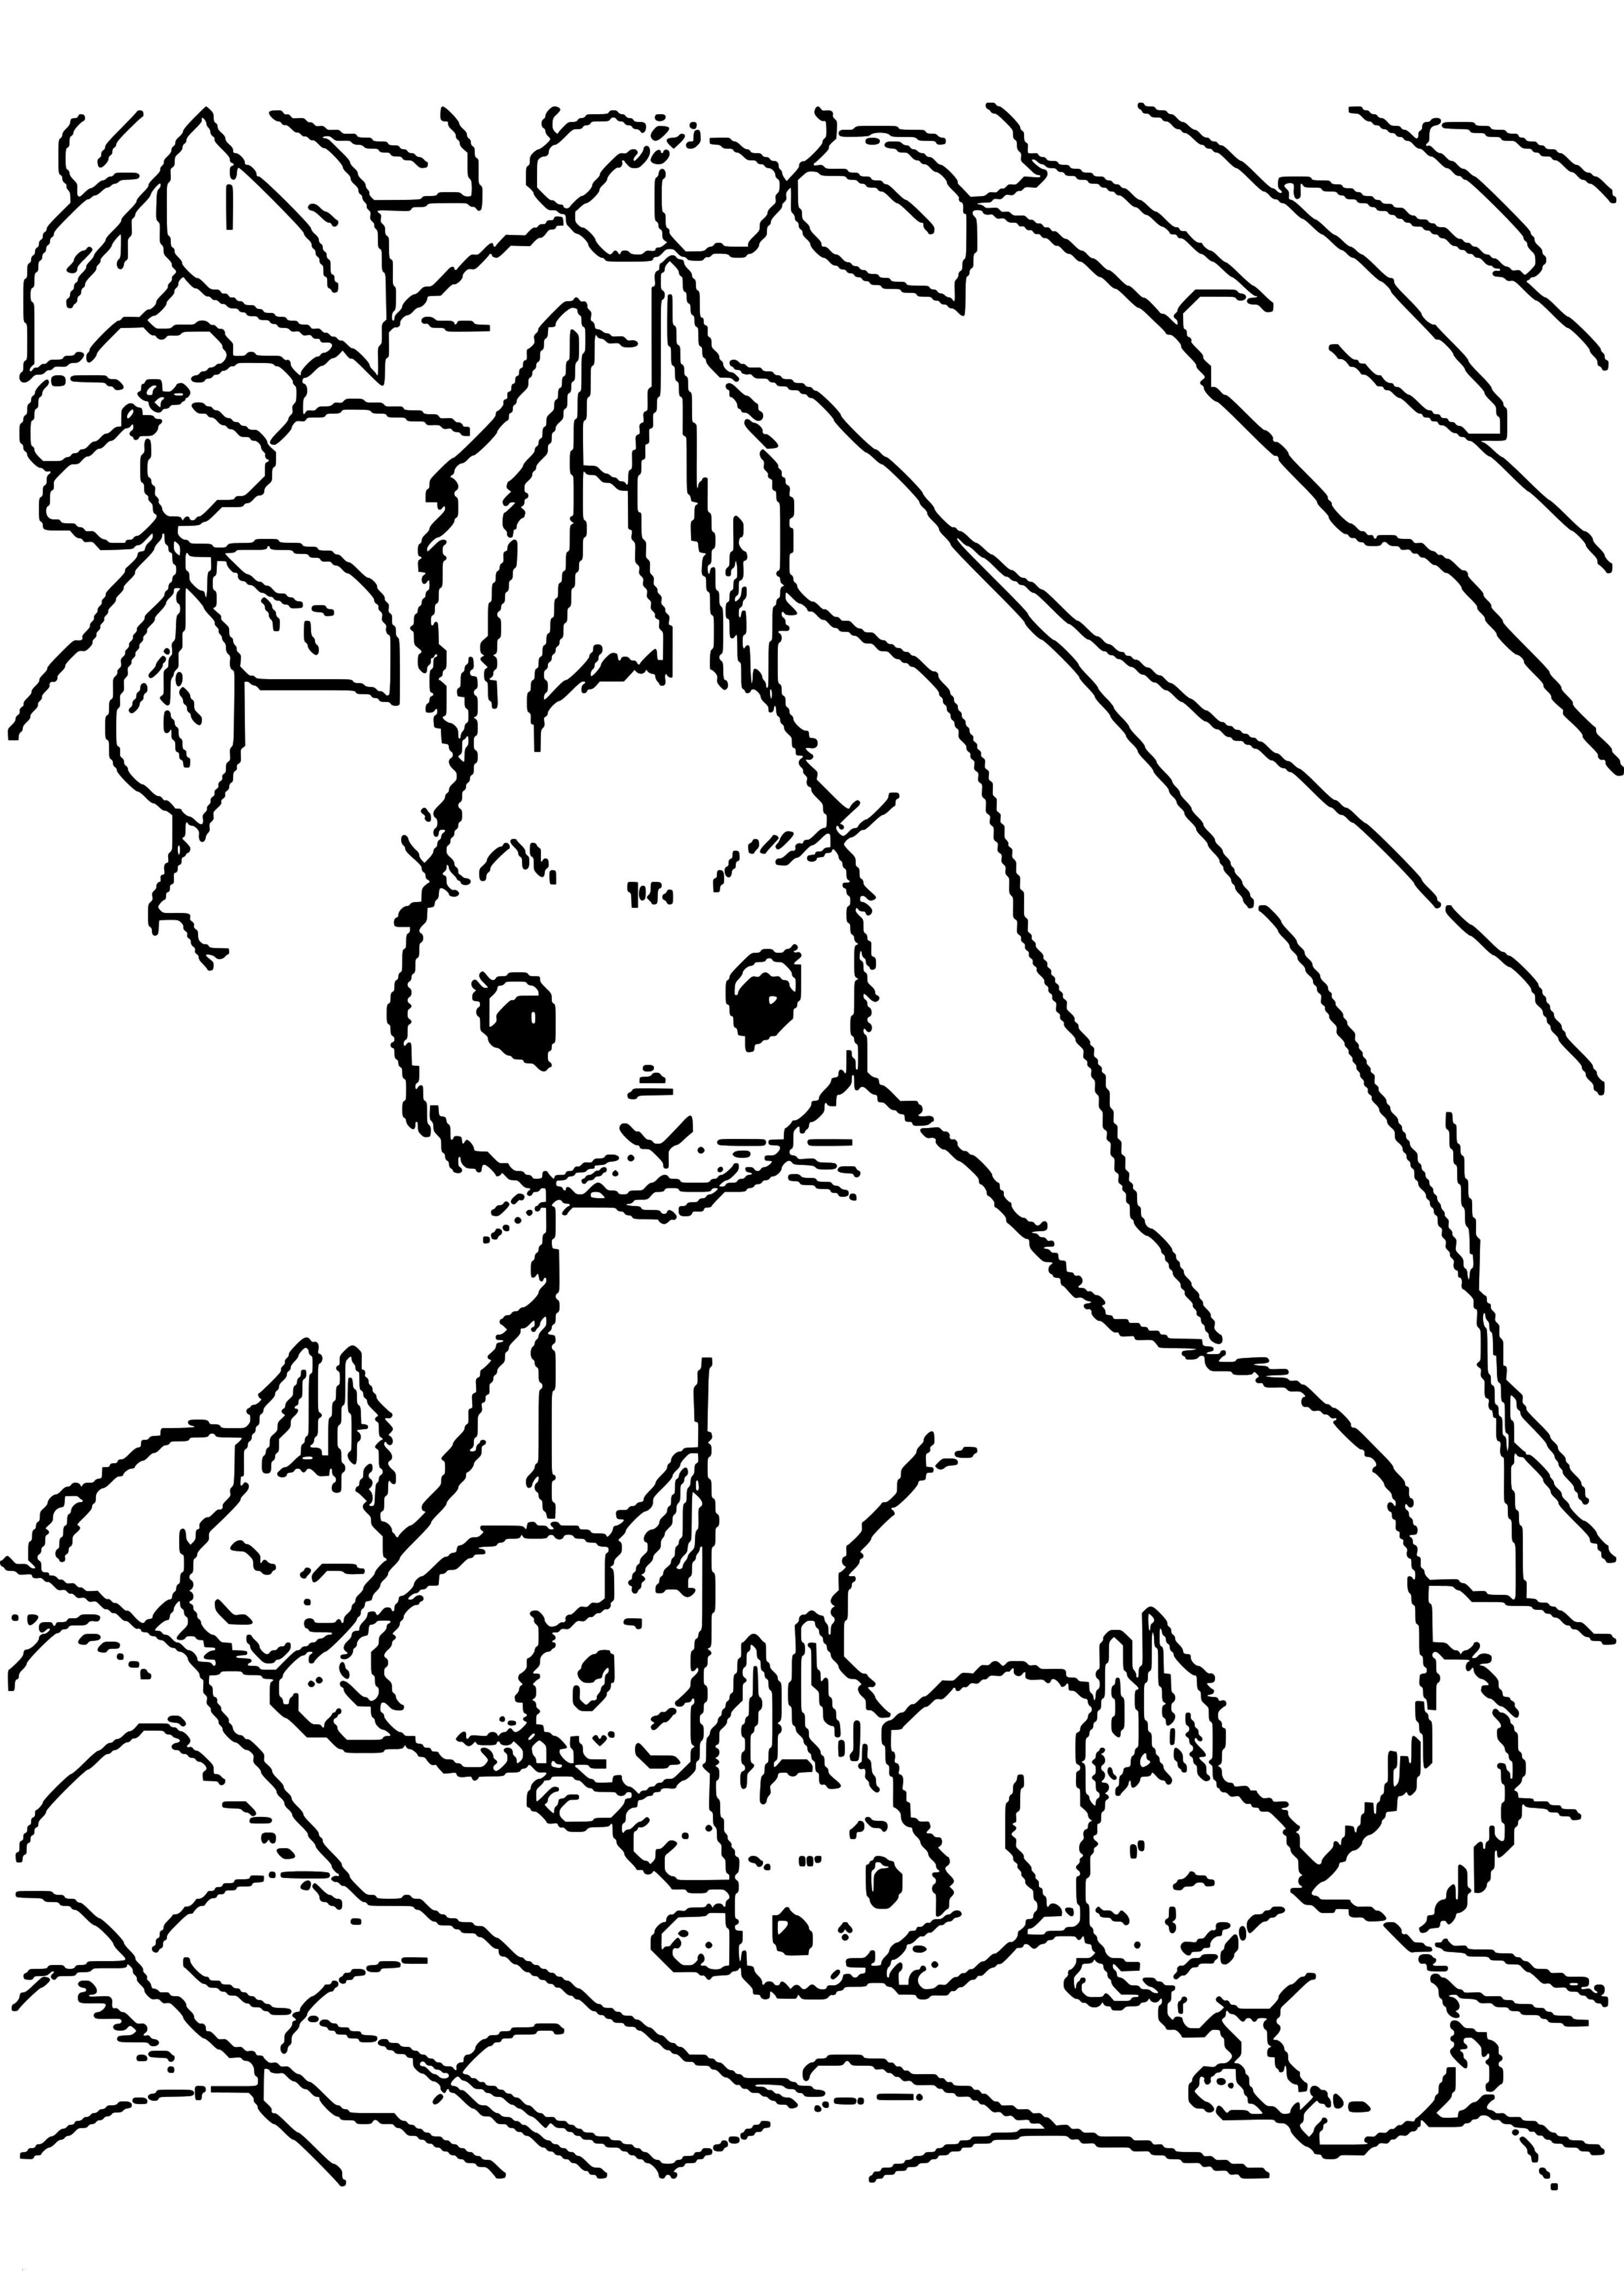 Katzenbilder Zum Ausdrucken Frisch 44 Best Ausmalbilder Tiere Kostenlos Zum Ausdrucken Malvorlagen Fotografieren